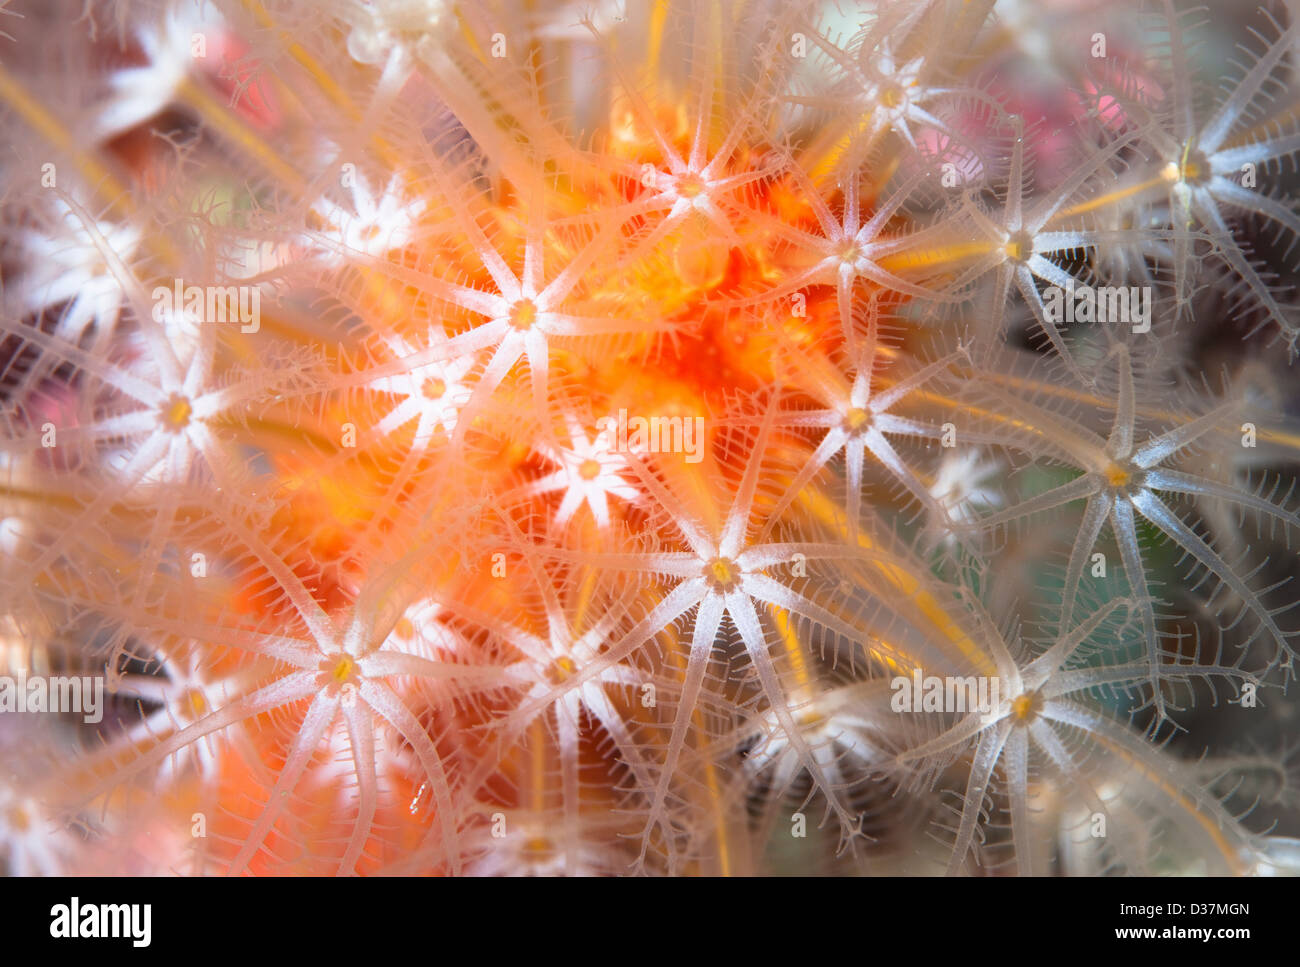 Nahaufnahme von bunte Unterwasserpflanzen Stockfoto